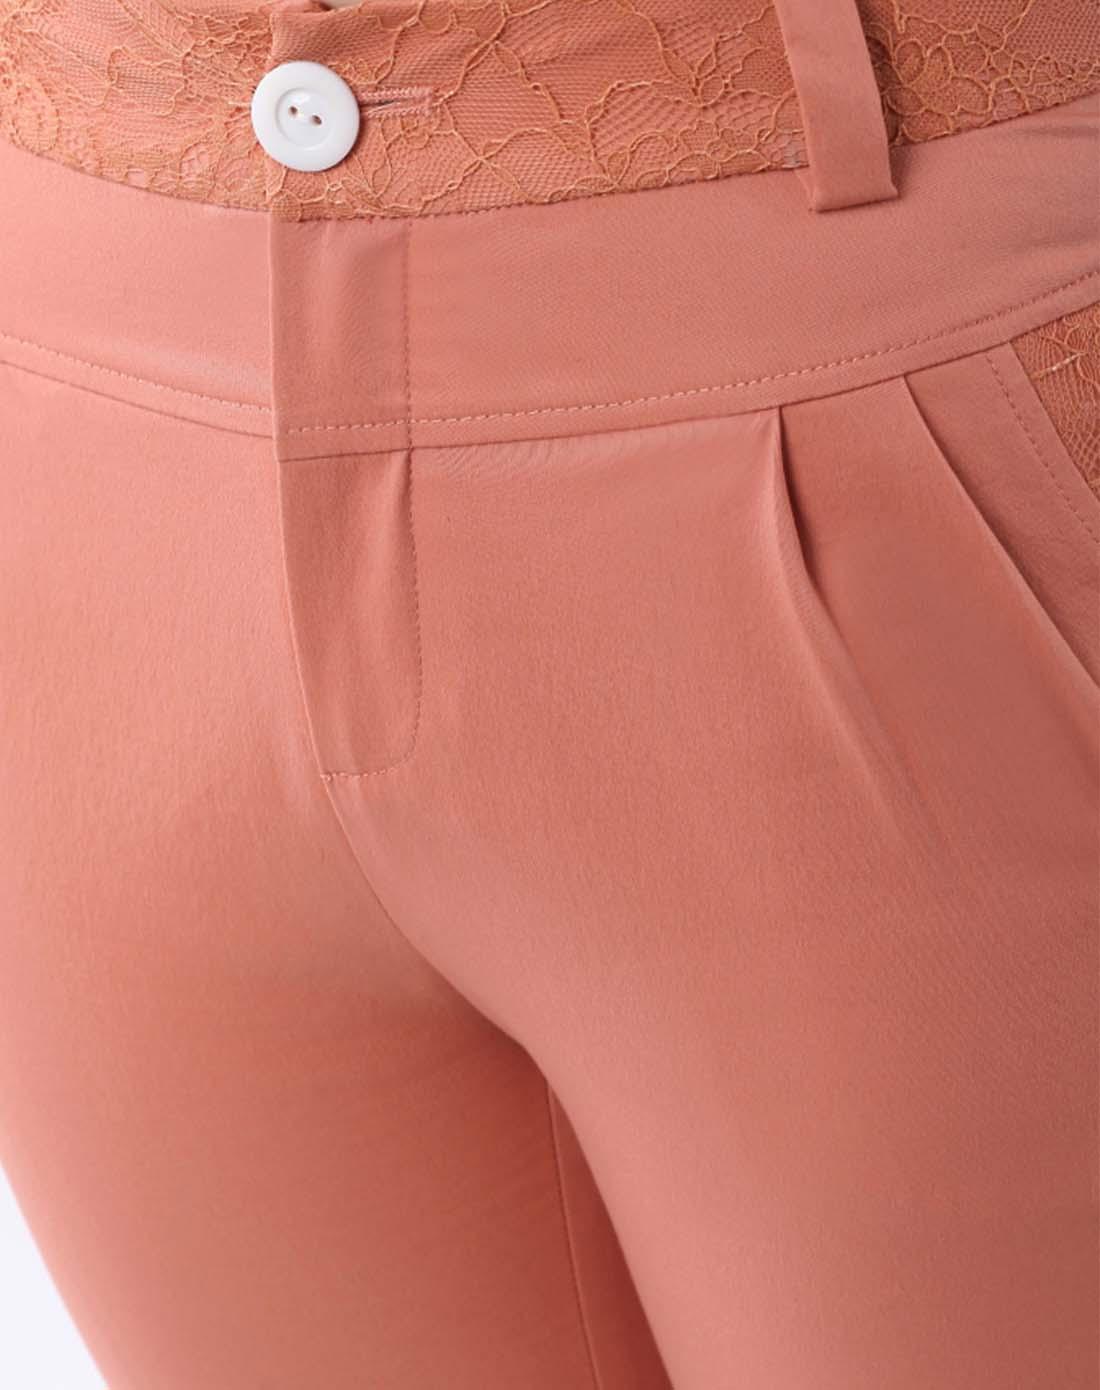 优衣美女裤专场粉橙色裤头蕾丝拼接七分裤132371r